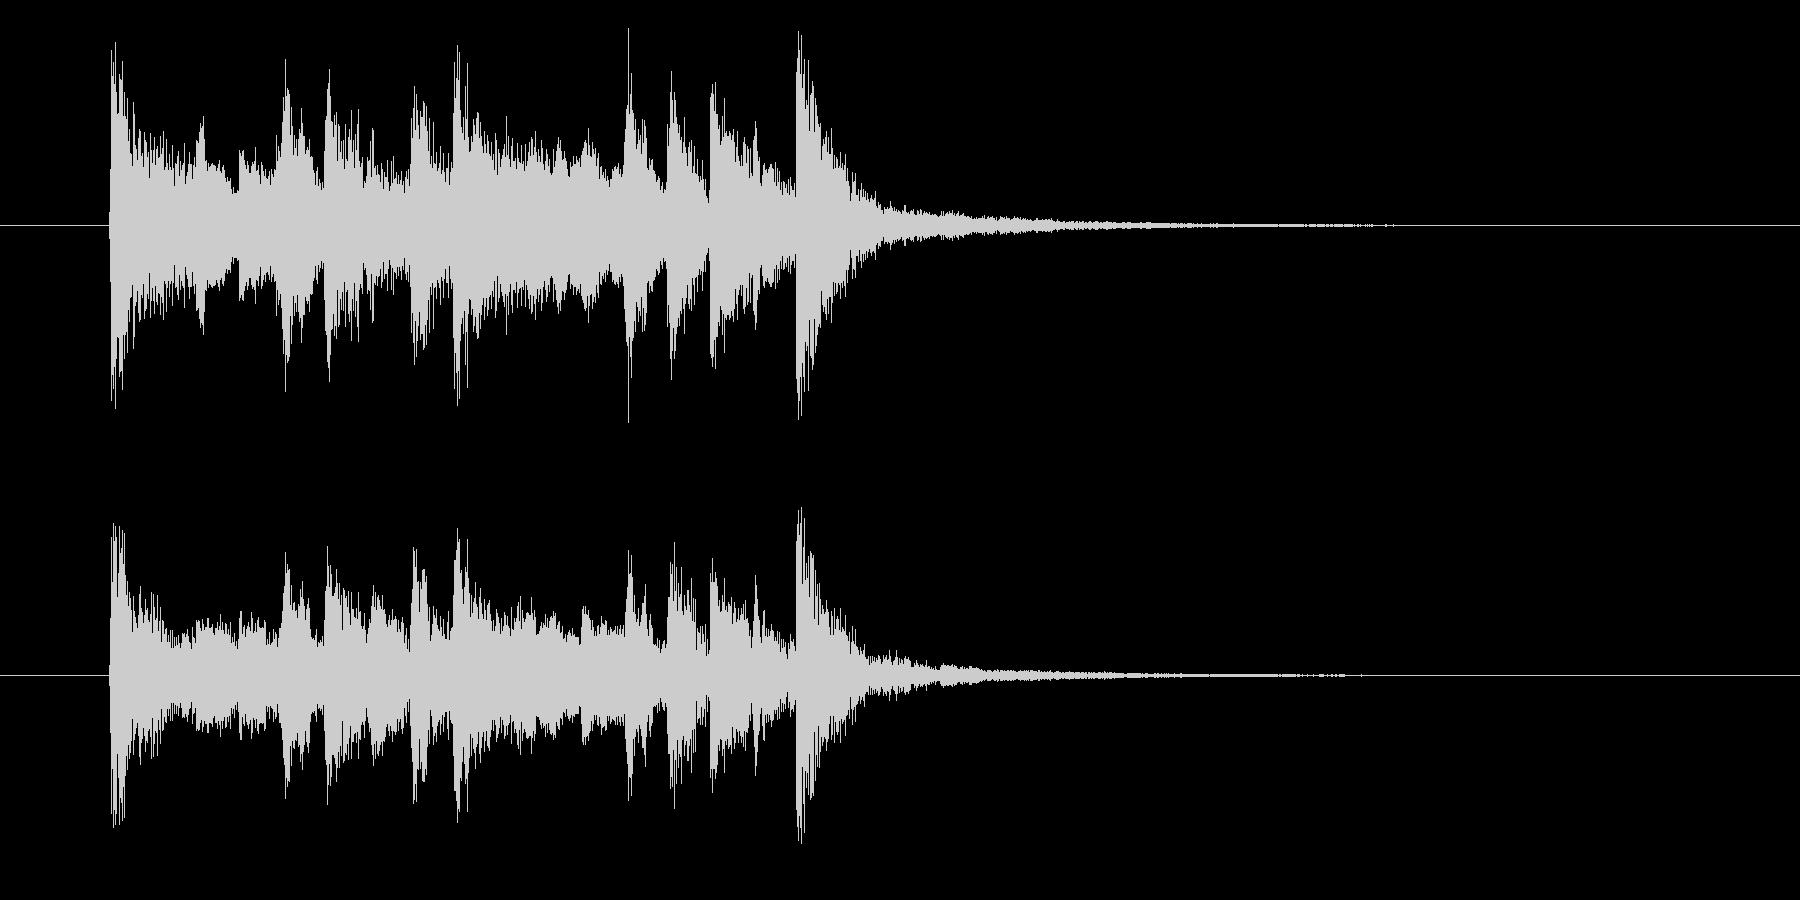 フュージョンとポップスのジングル曲の未再生の波形